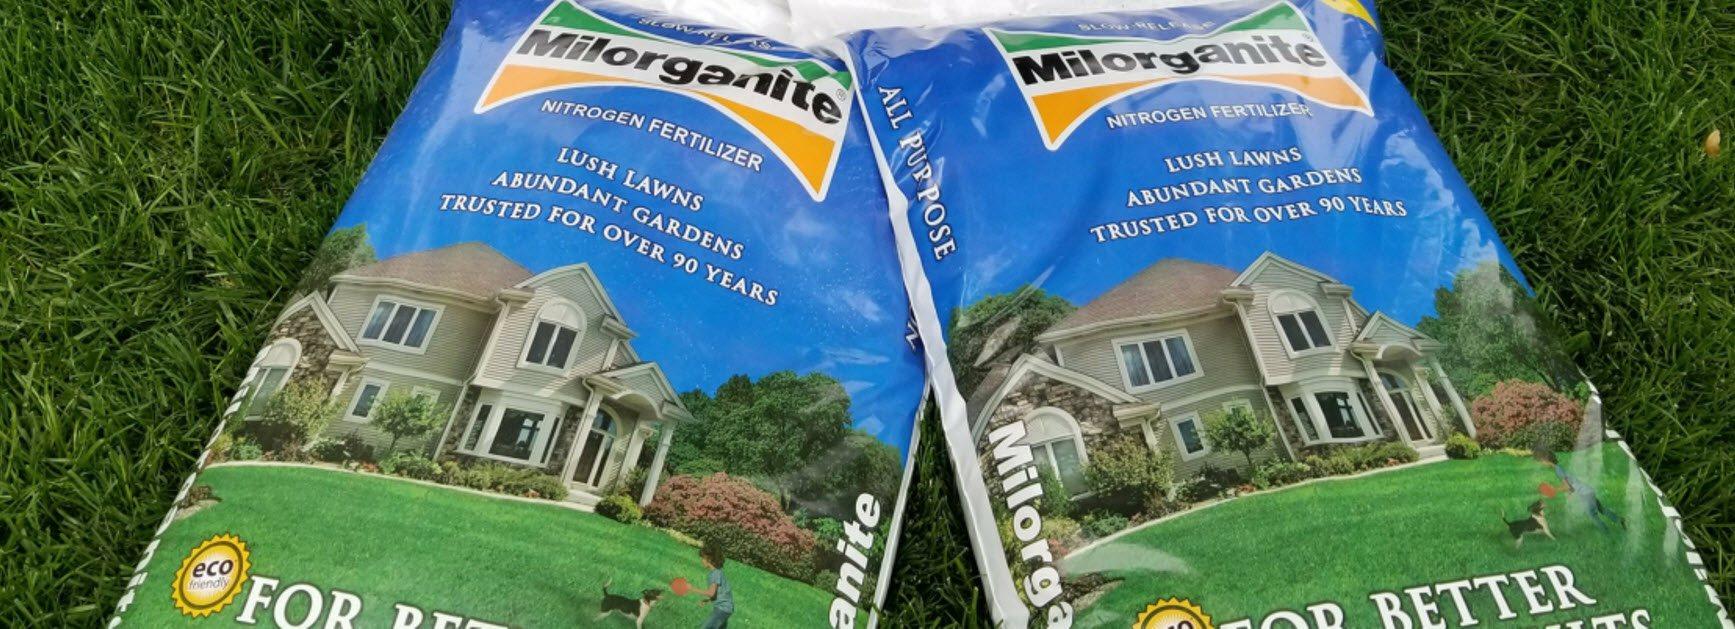 milorganite-bags